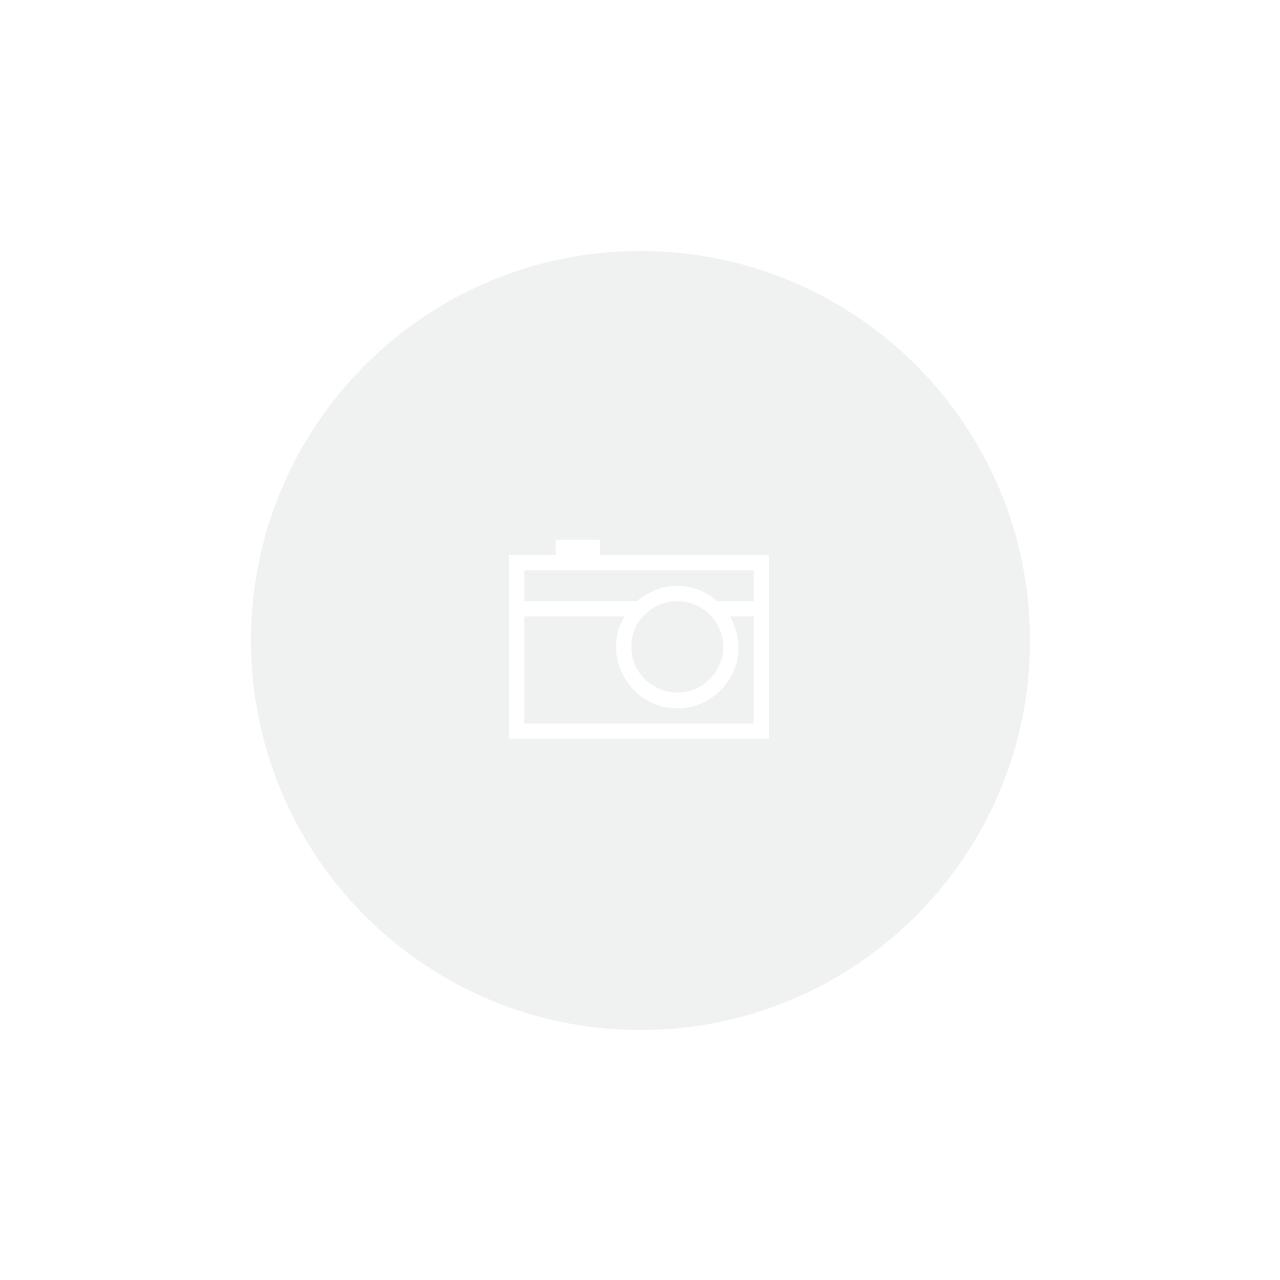 Coifa de Embutir em Aço Inox Incasso 75cm 220v Tramontina